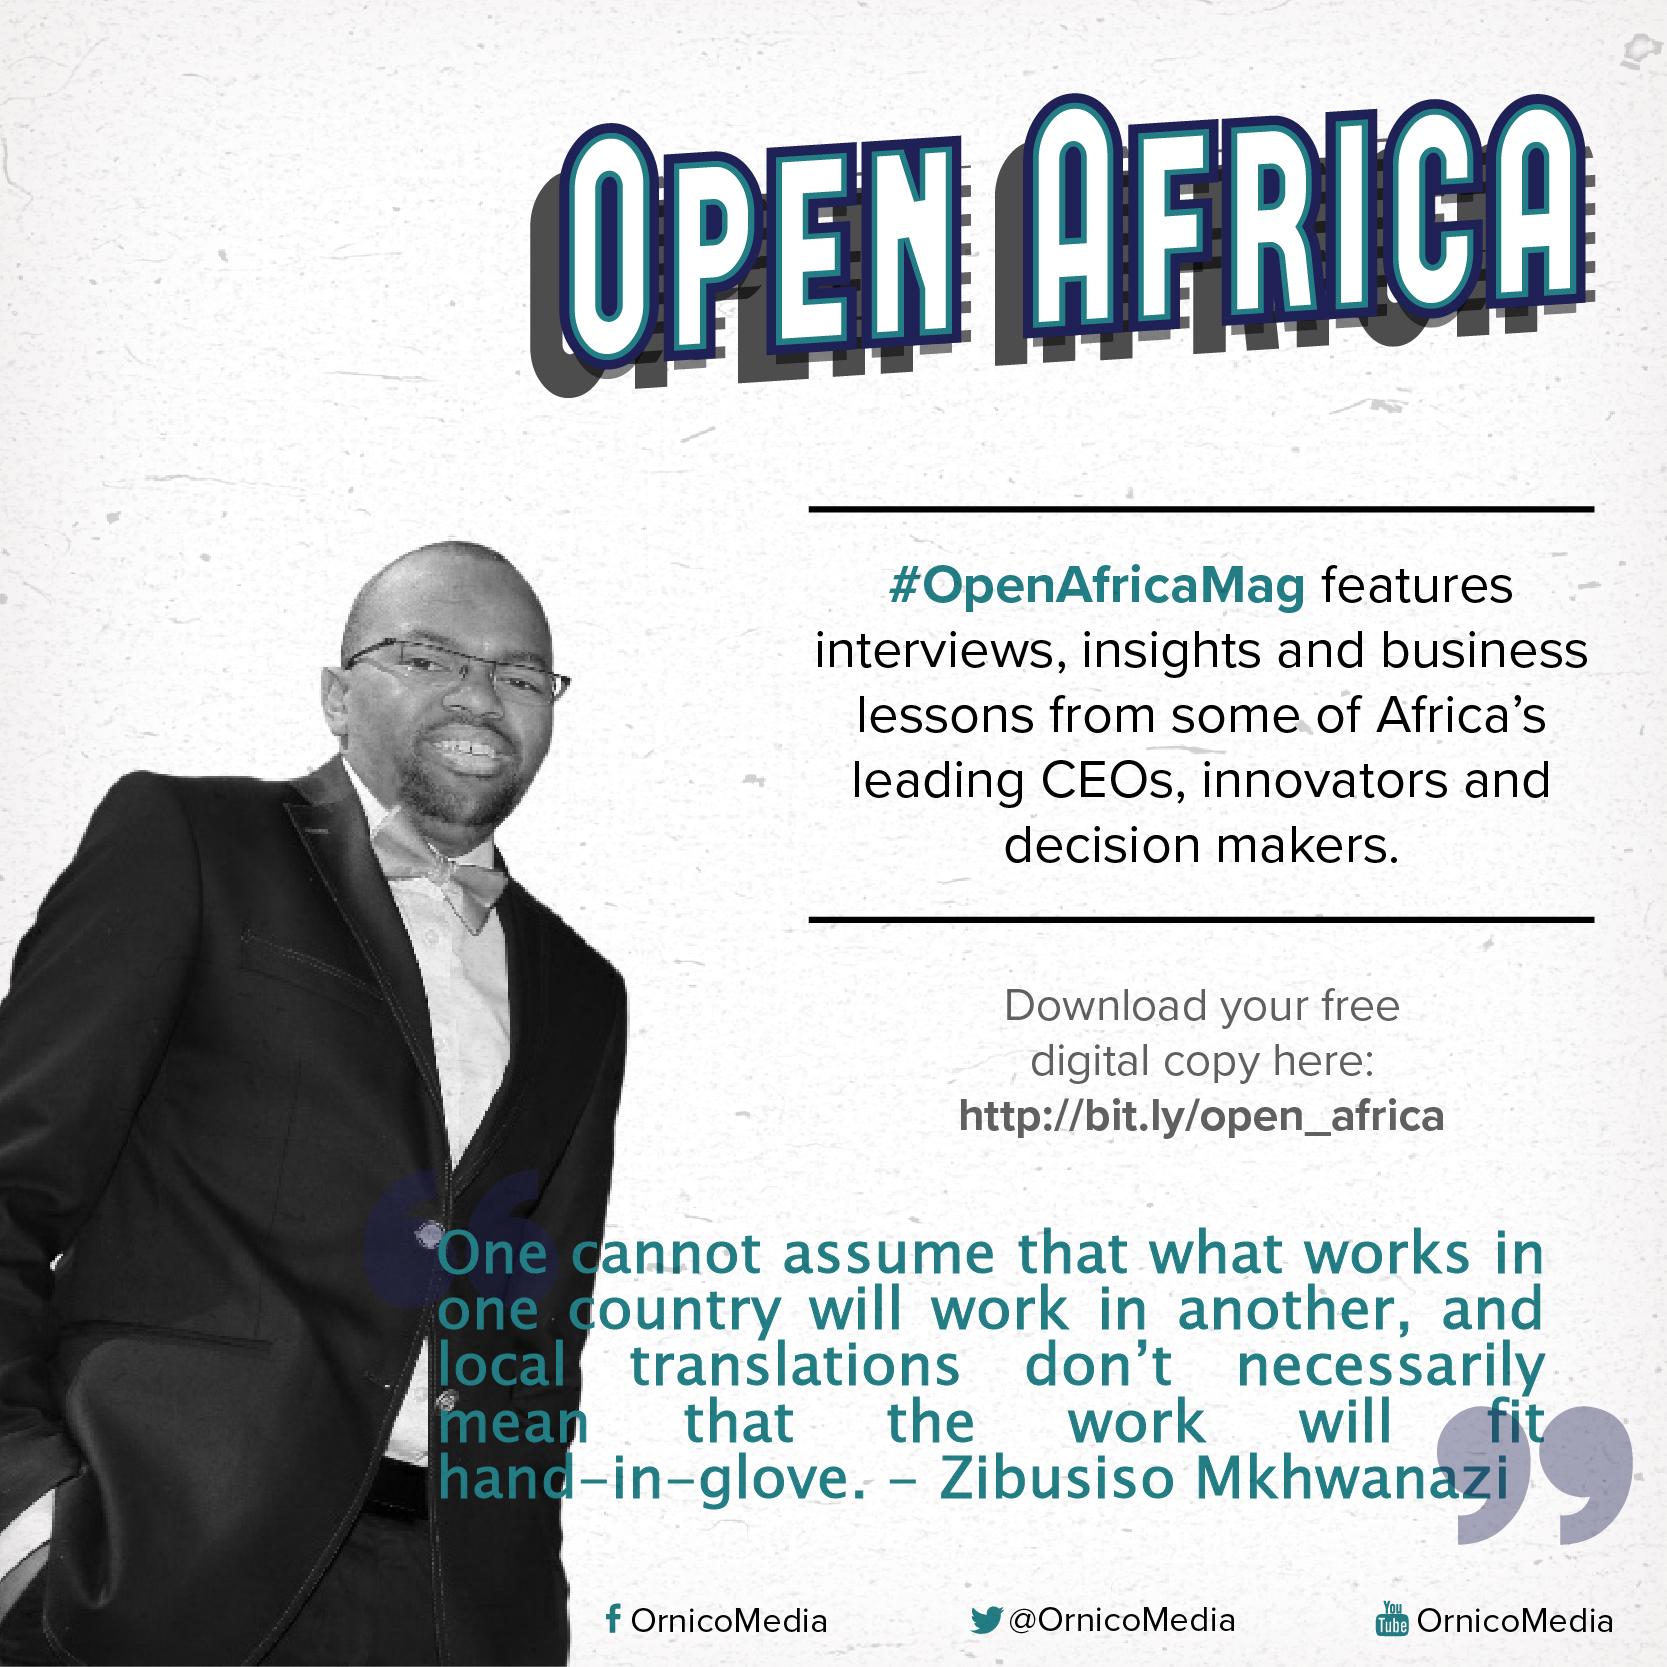 Zibusiso Mkhwanazi on #OpenAfricaMag